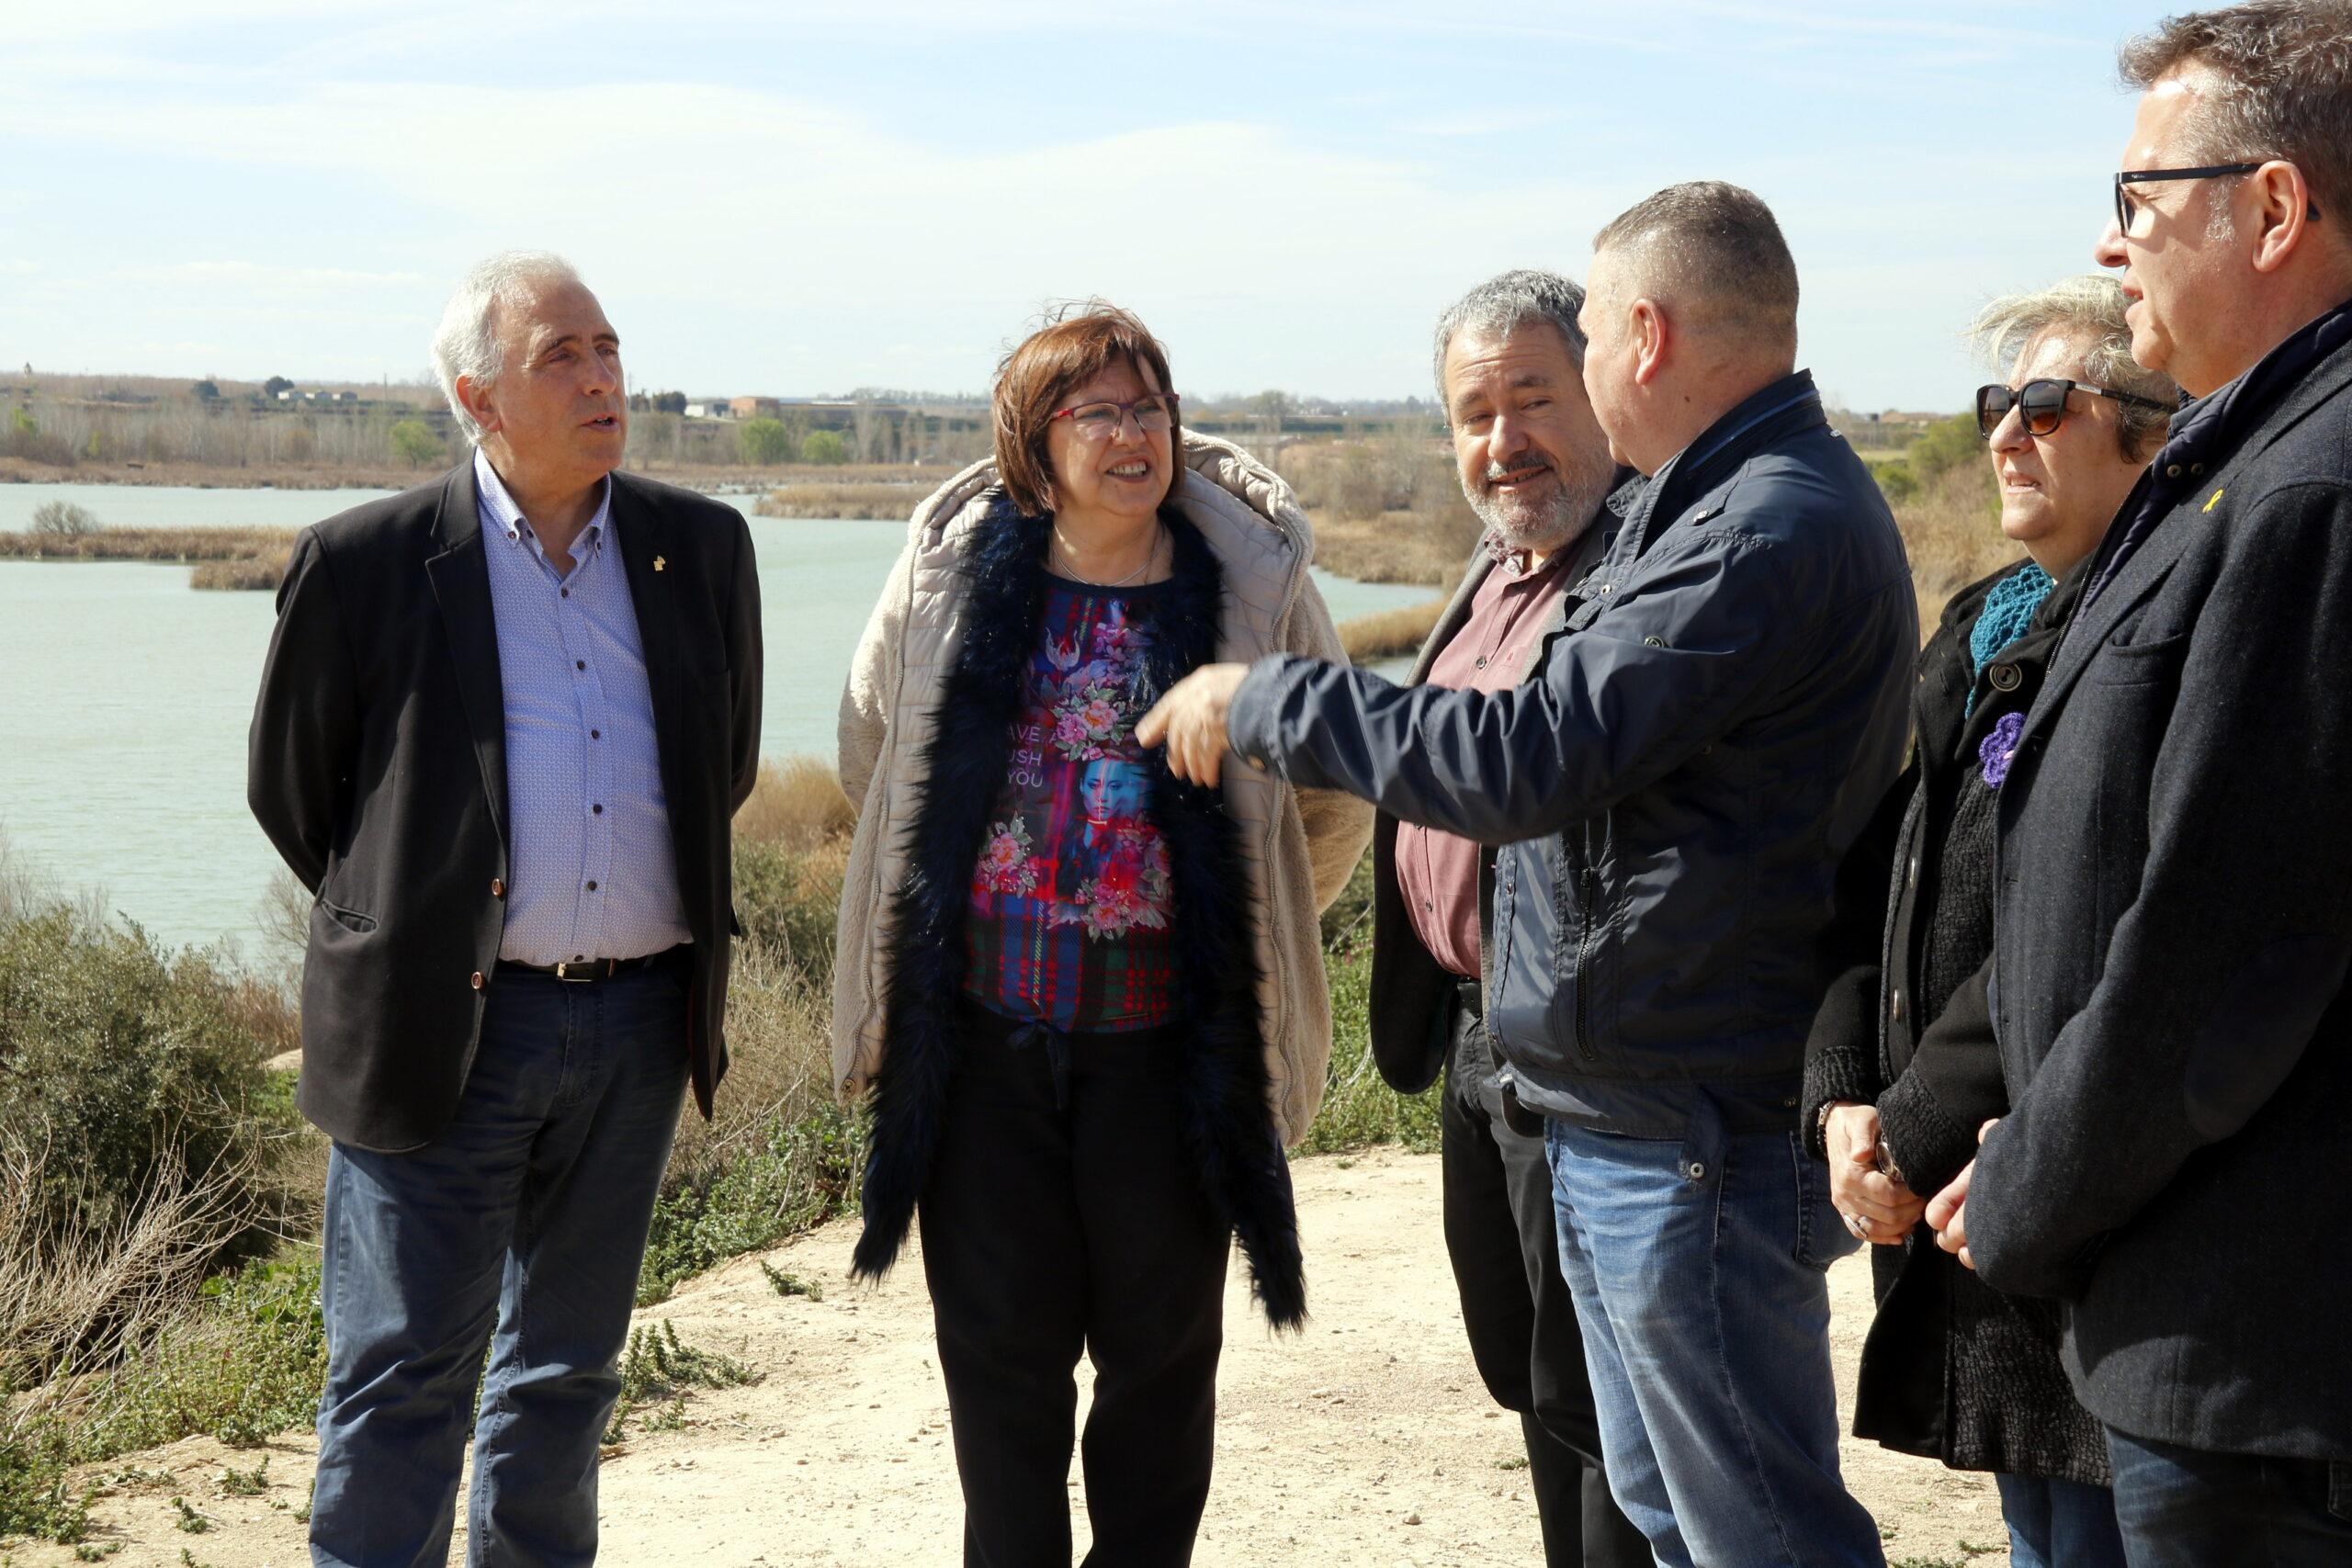 Pla mitjà on es pot veure a la presidenta de la Diputació de Lleida, Rosa Maria Perelló, acompanyada pel director de Medi Natural, Ferran Miralles, i altres membres del consorci a l'estany d'Ivars i Vila-sana, el 14 de març de 2019. (Horitzontal)